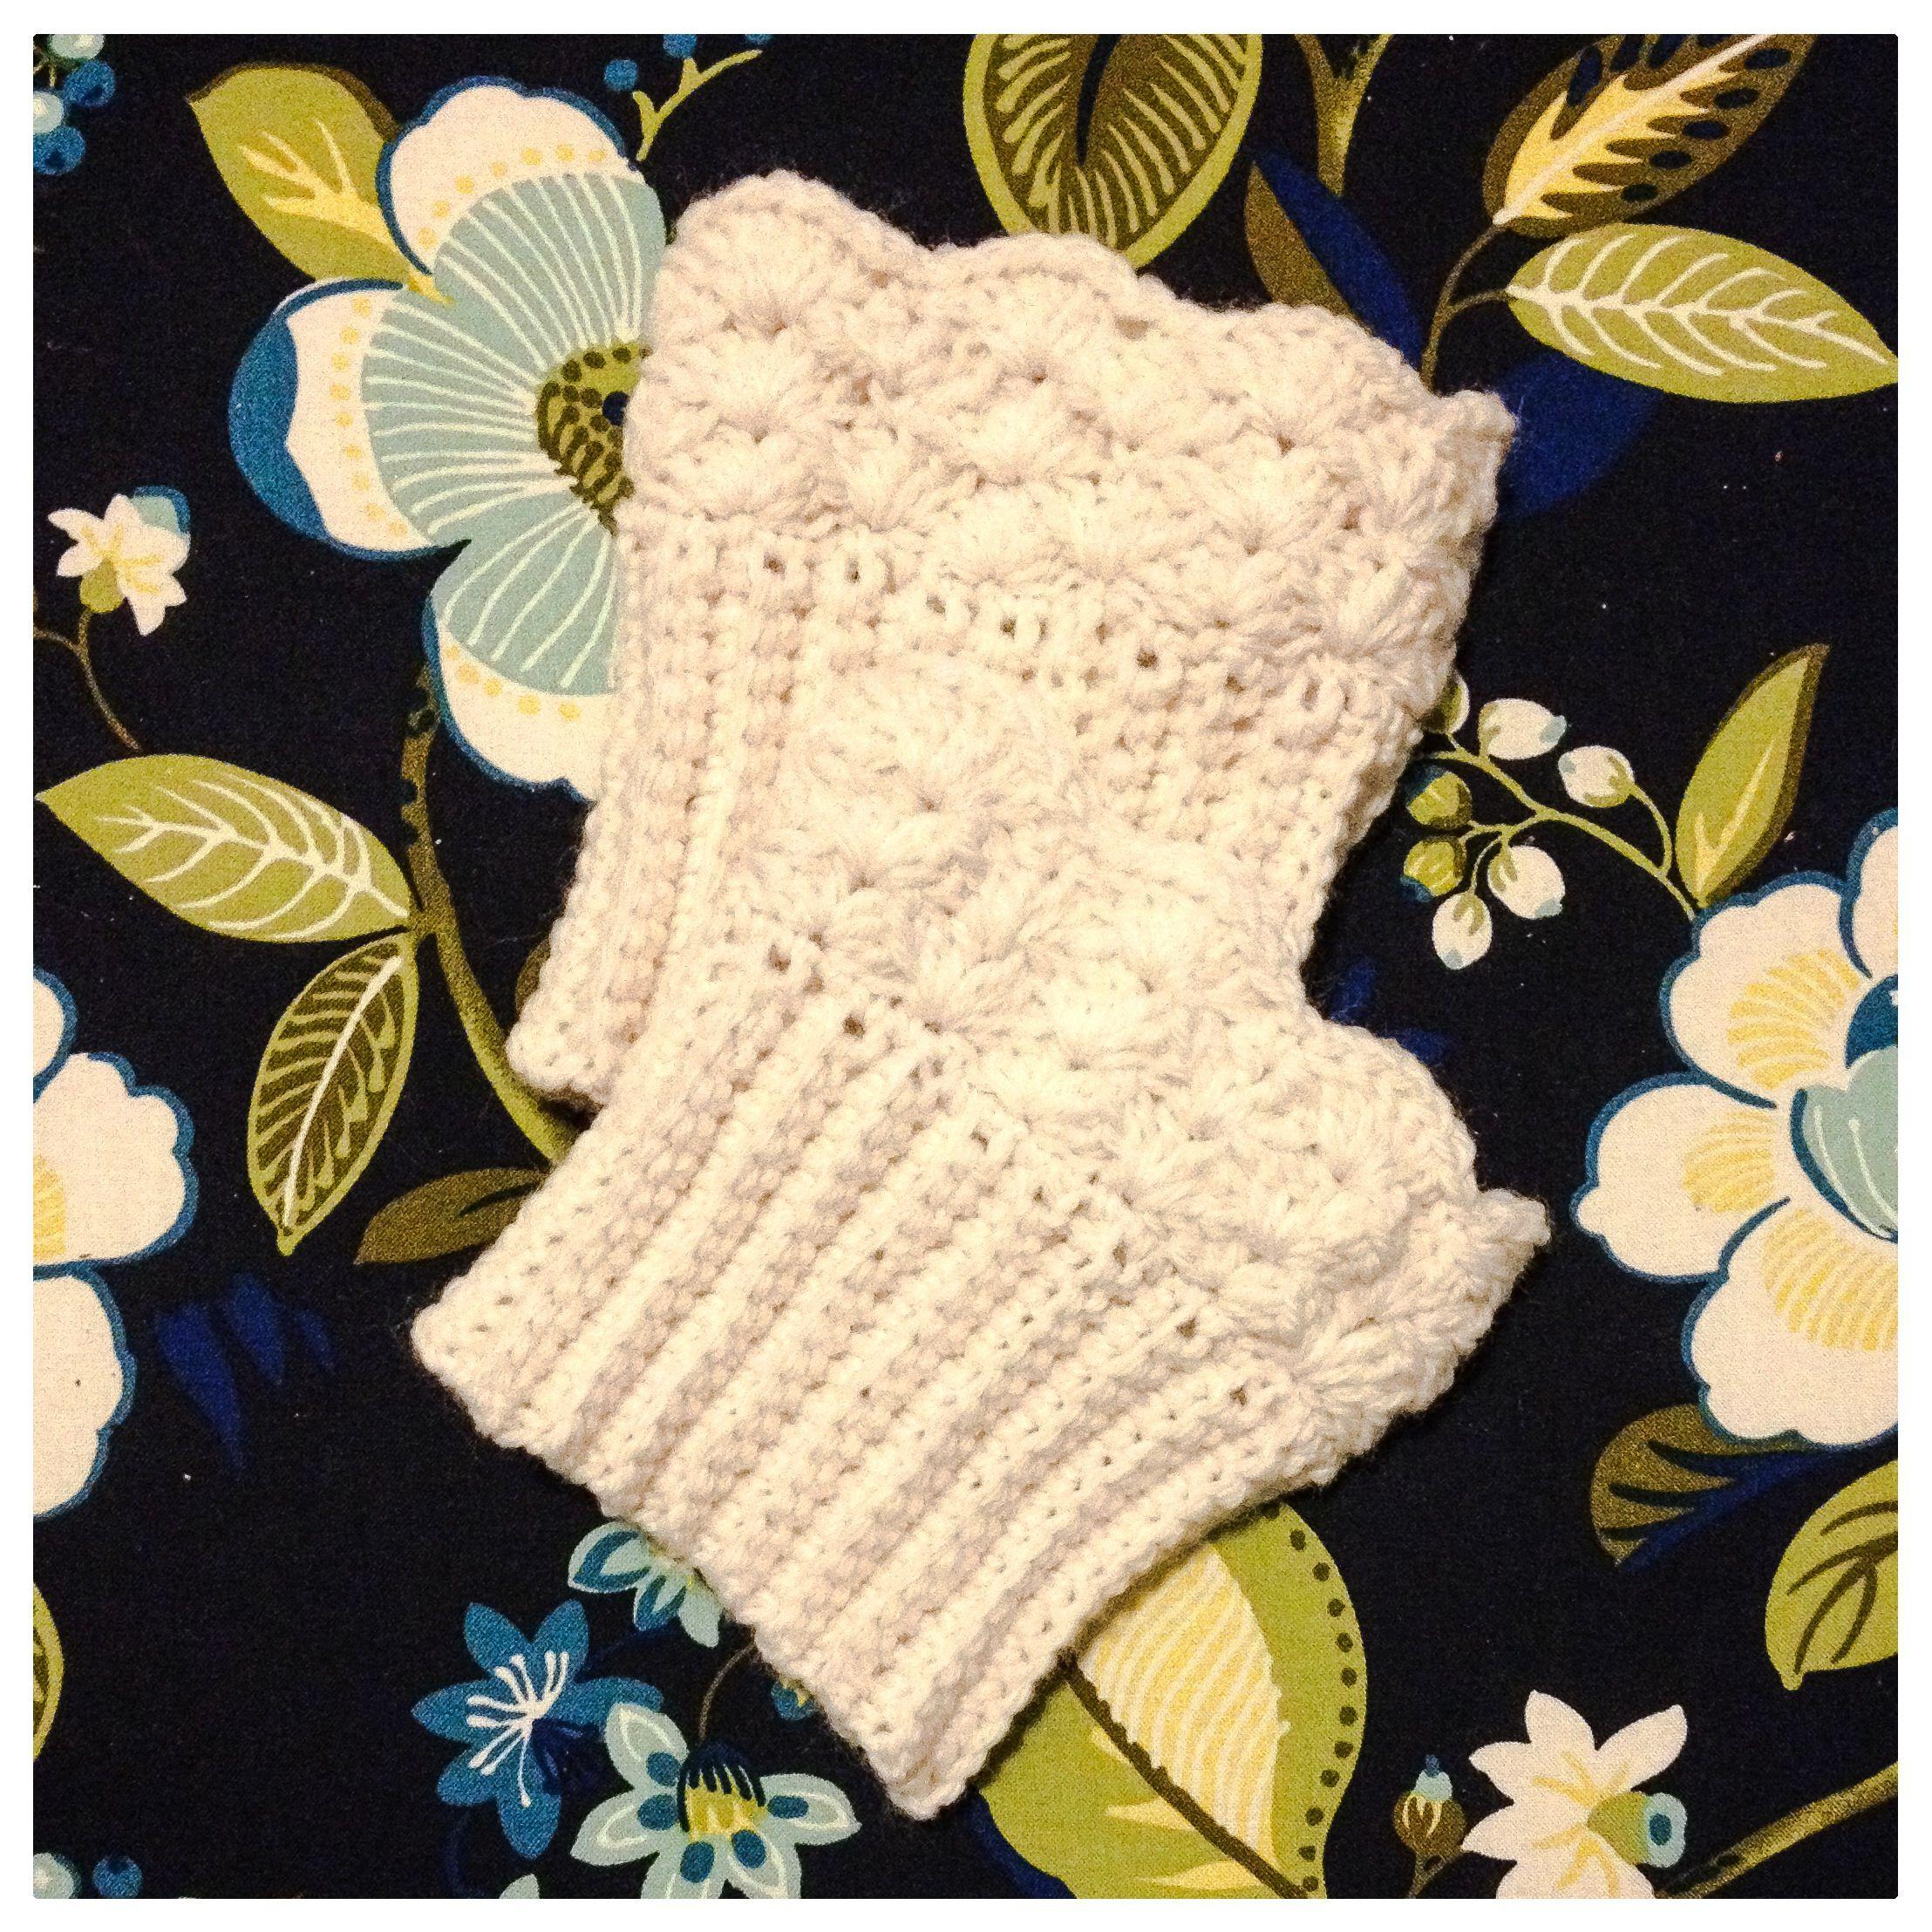 Free pattern free crochet scalloped boot cuff pattern crochet free pattern free crochet scalloped boot cuff pattern bankloansurffo Images